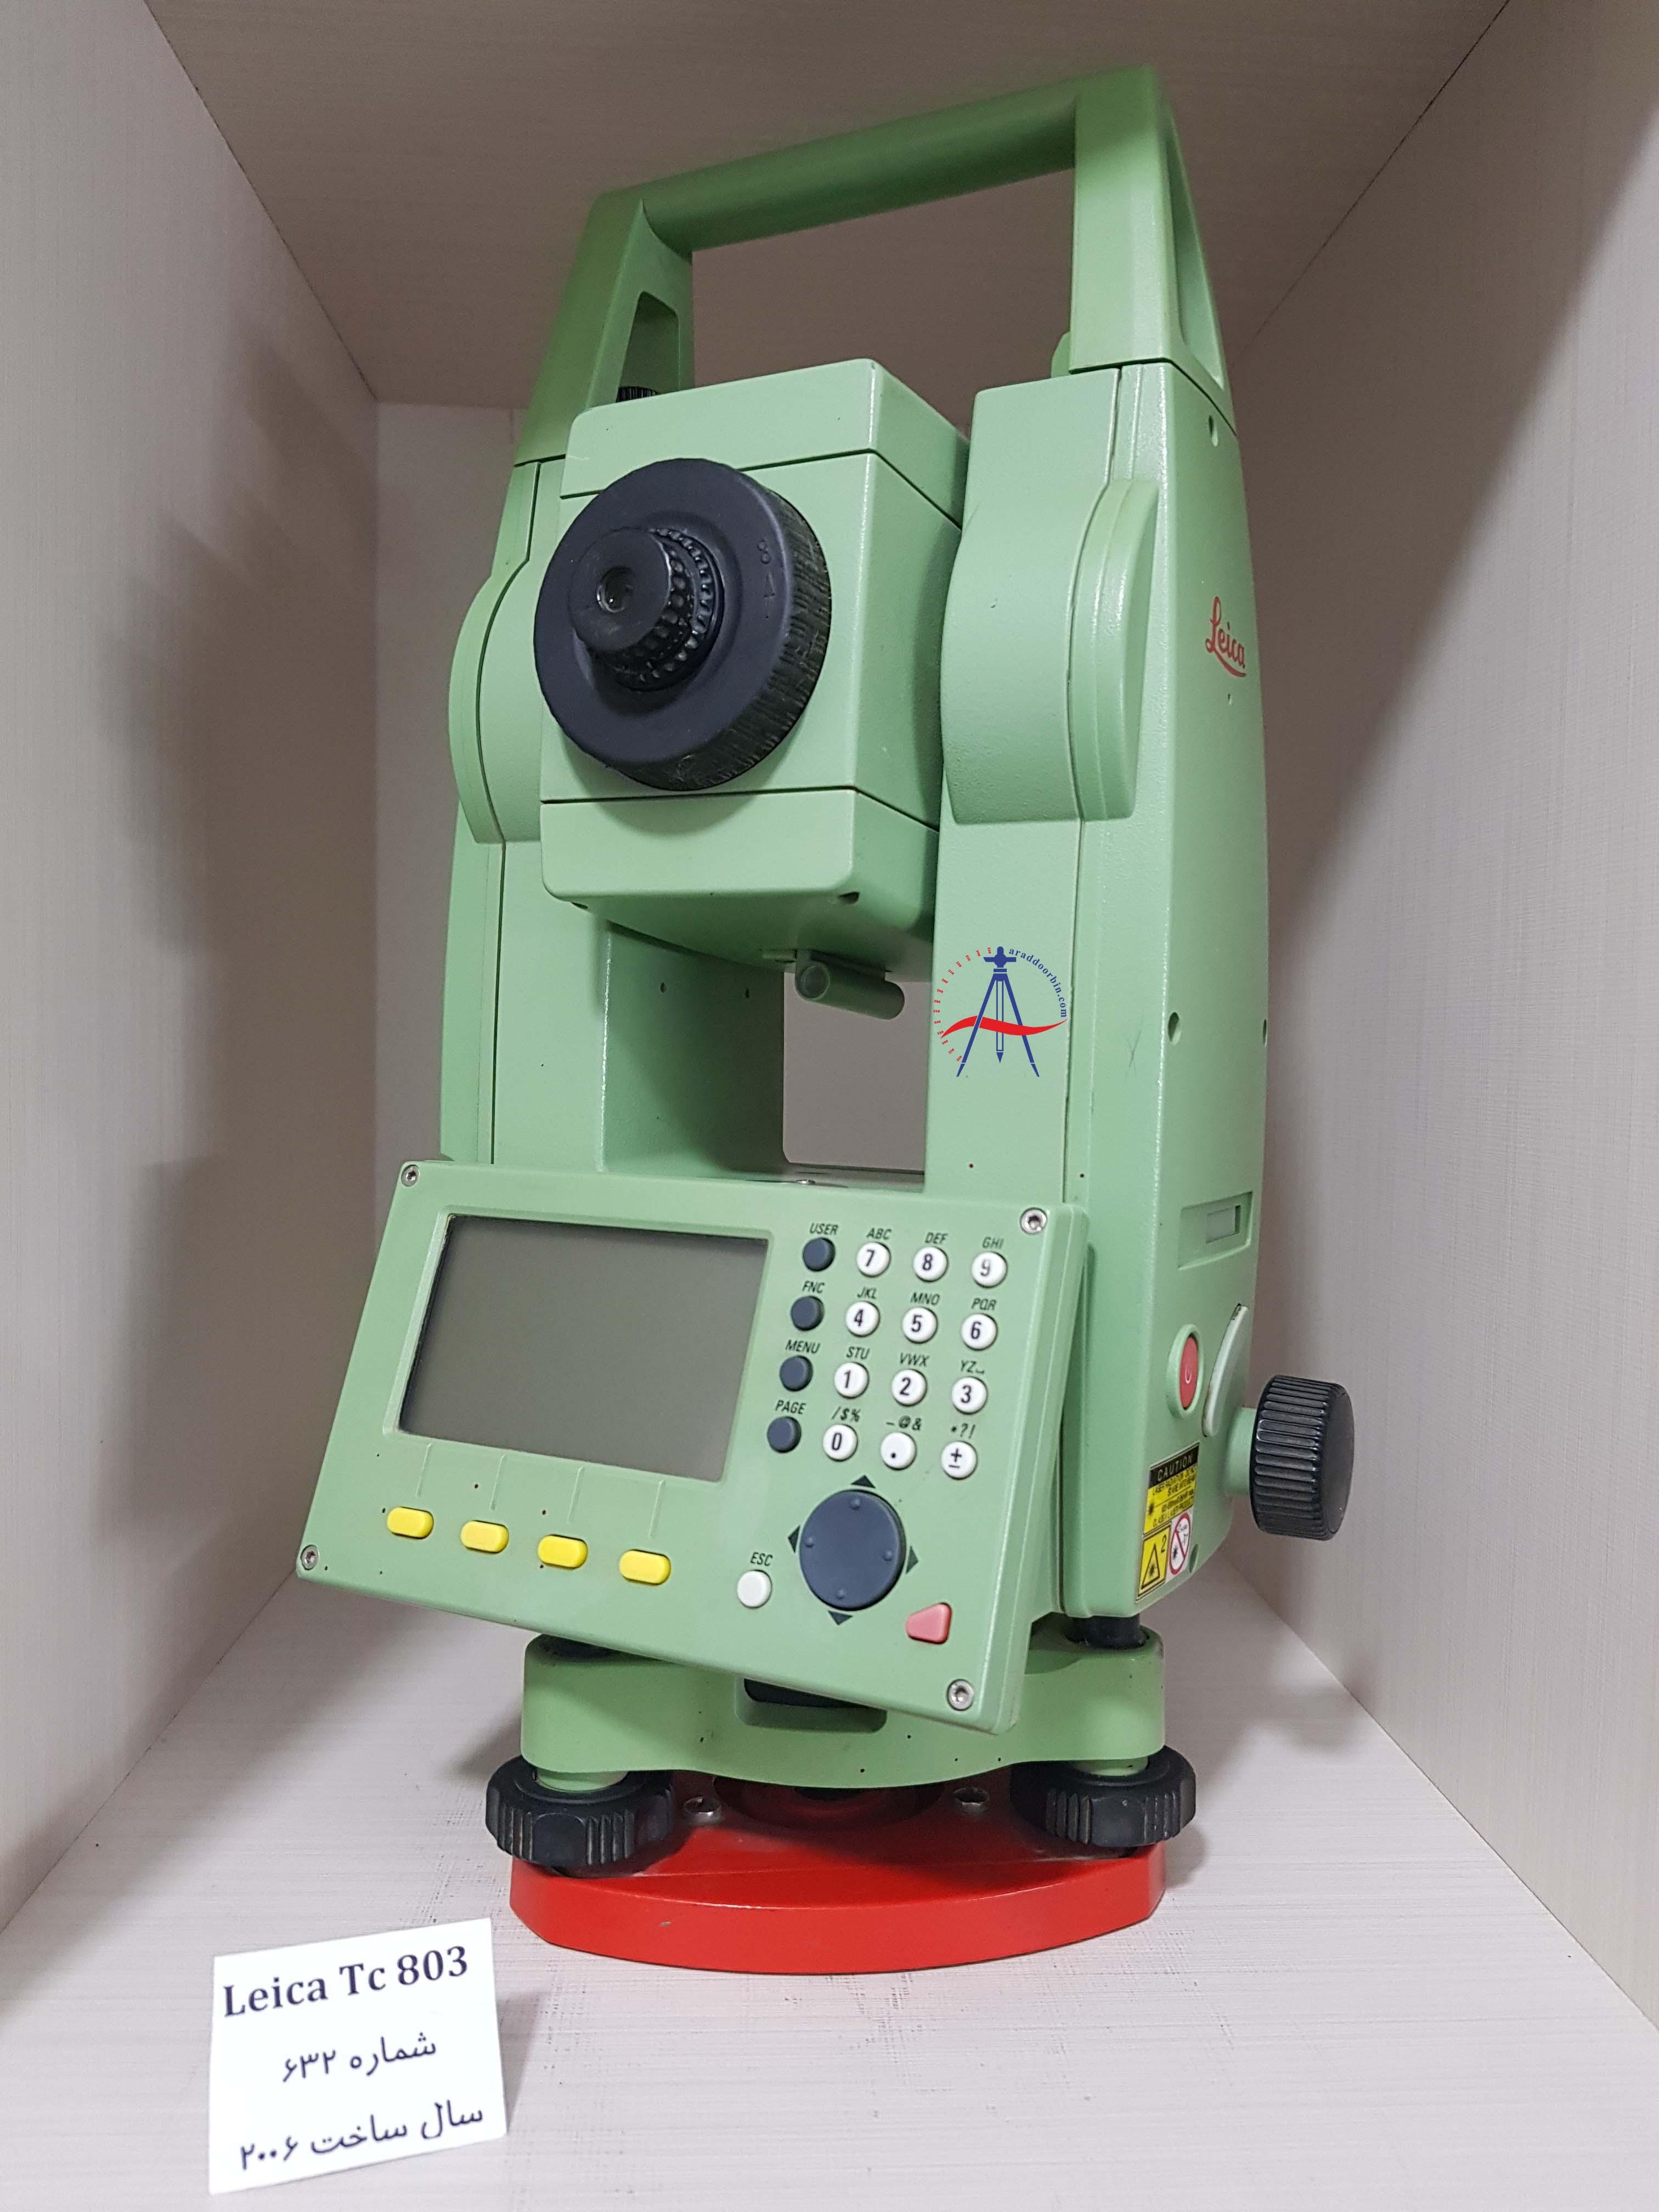 دوربین دست دوم توتال استیشن لایکا  Leica TC 803